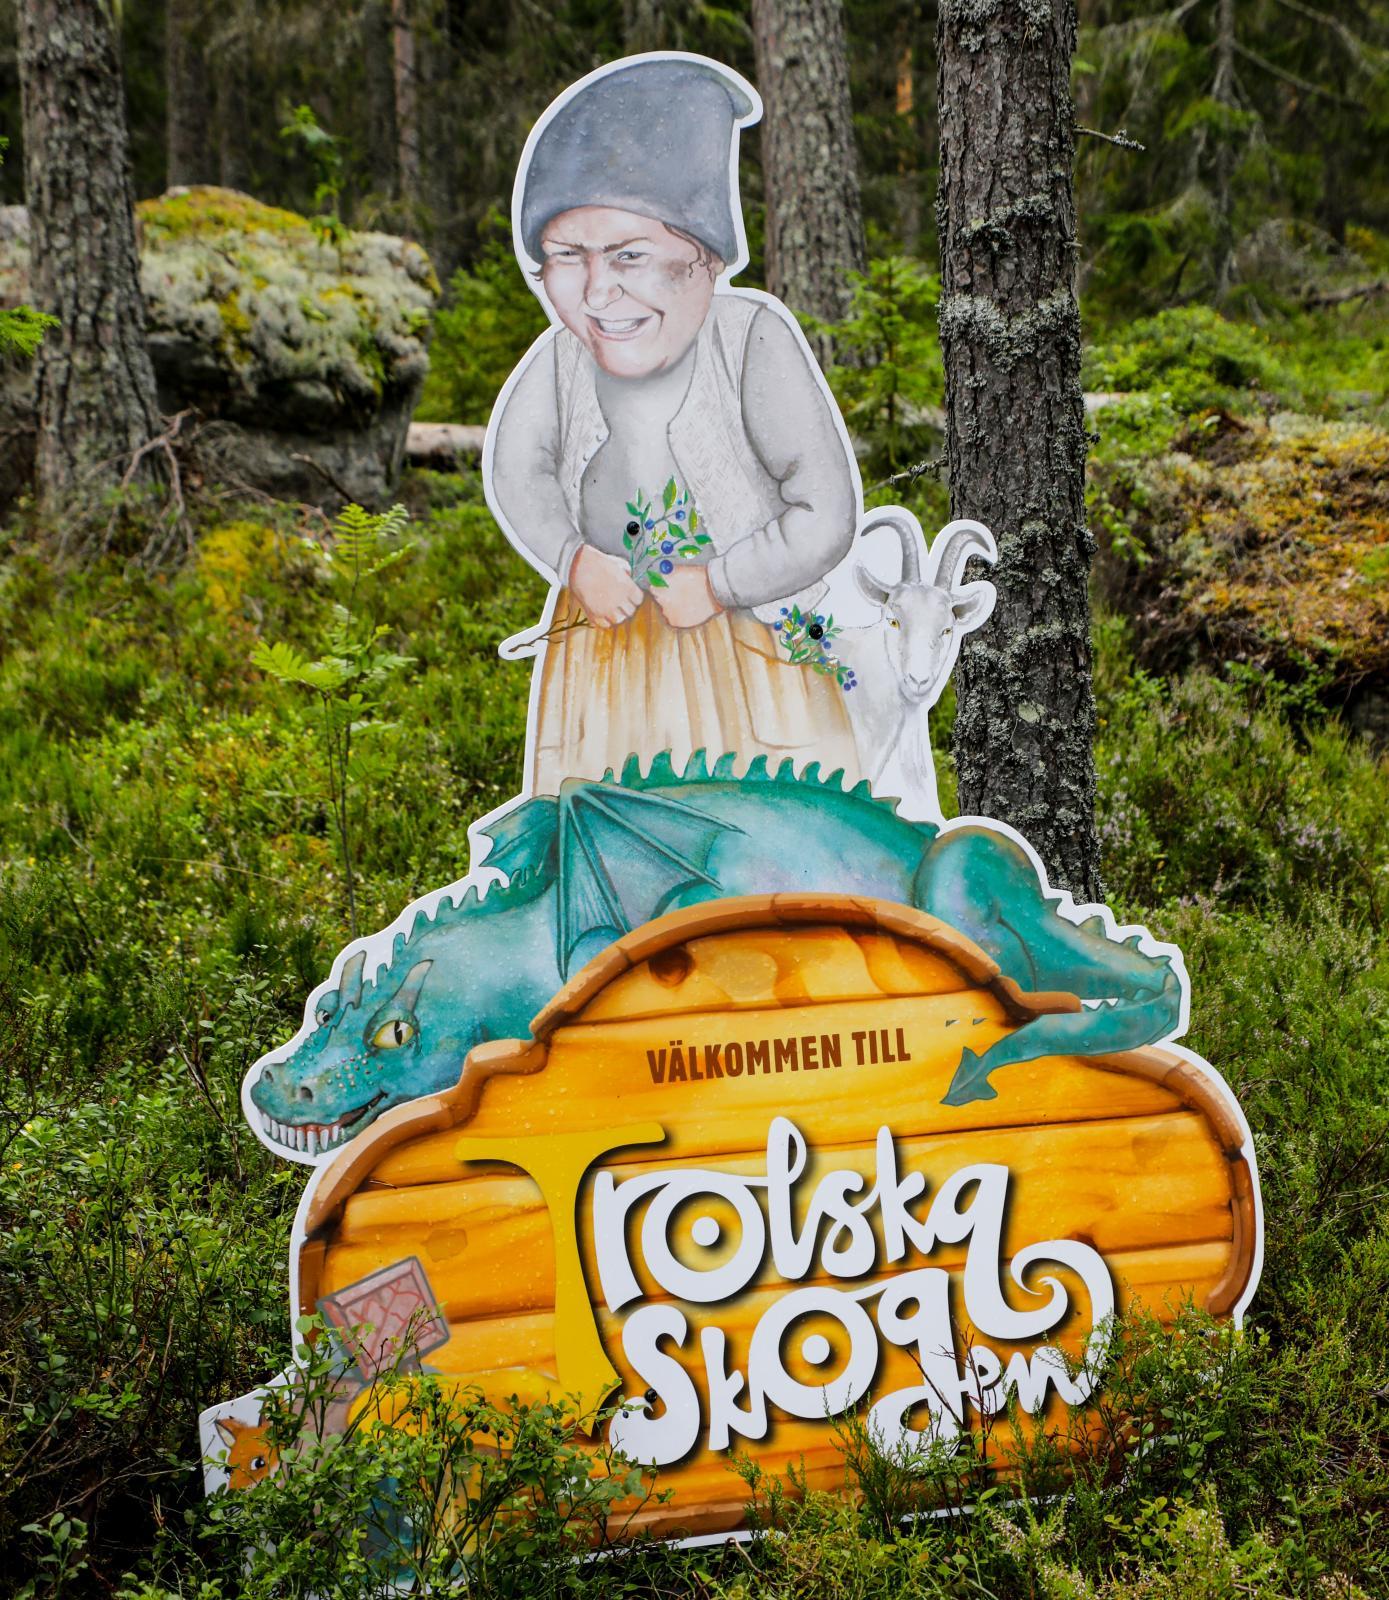 Trolska skogen ger barn – och vuxna – möjlighet att möta troll och häxor.